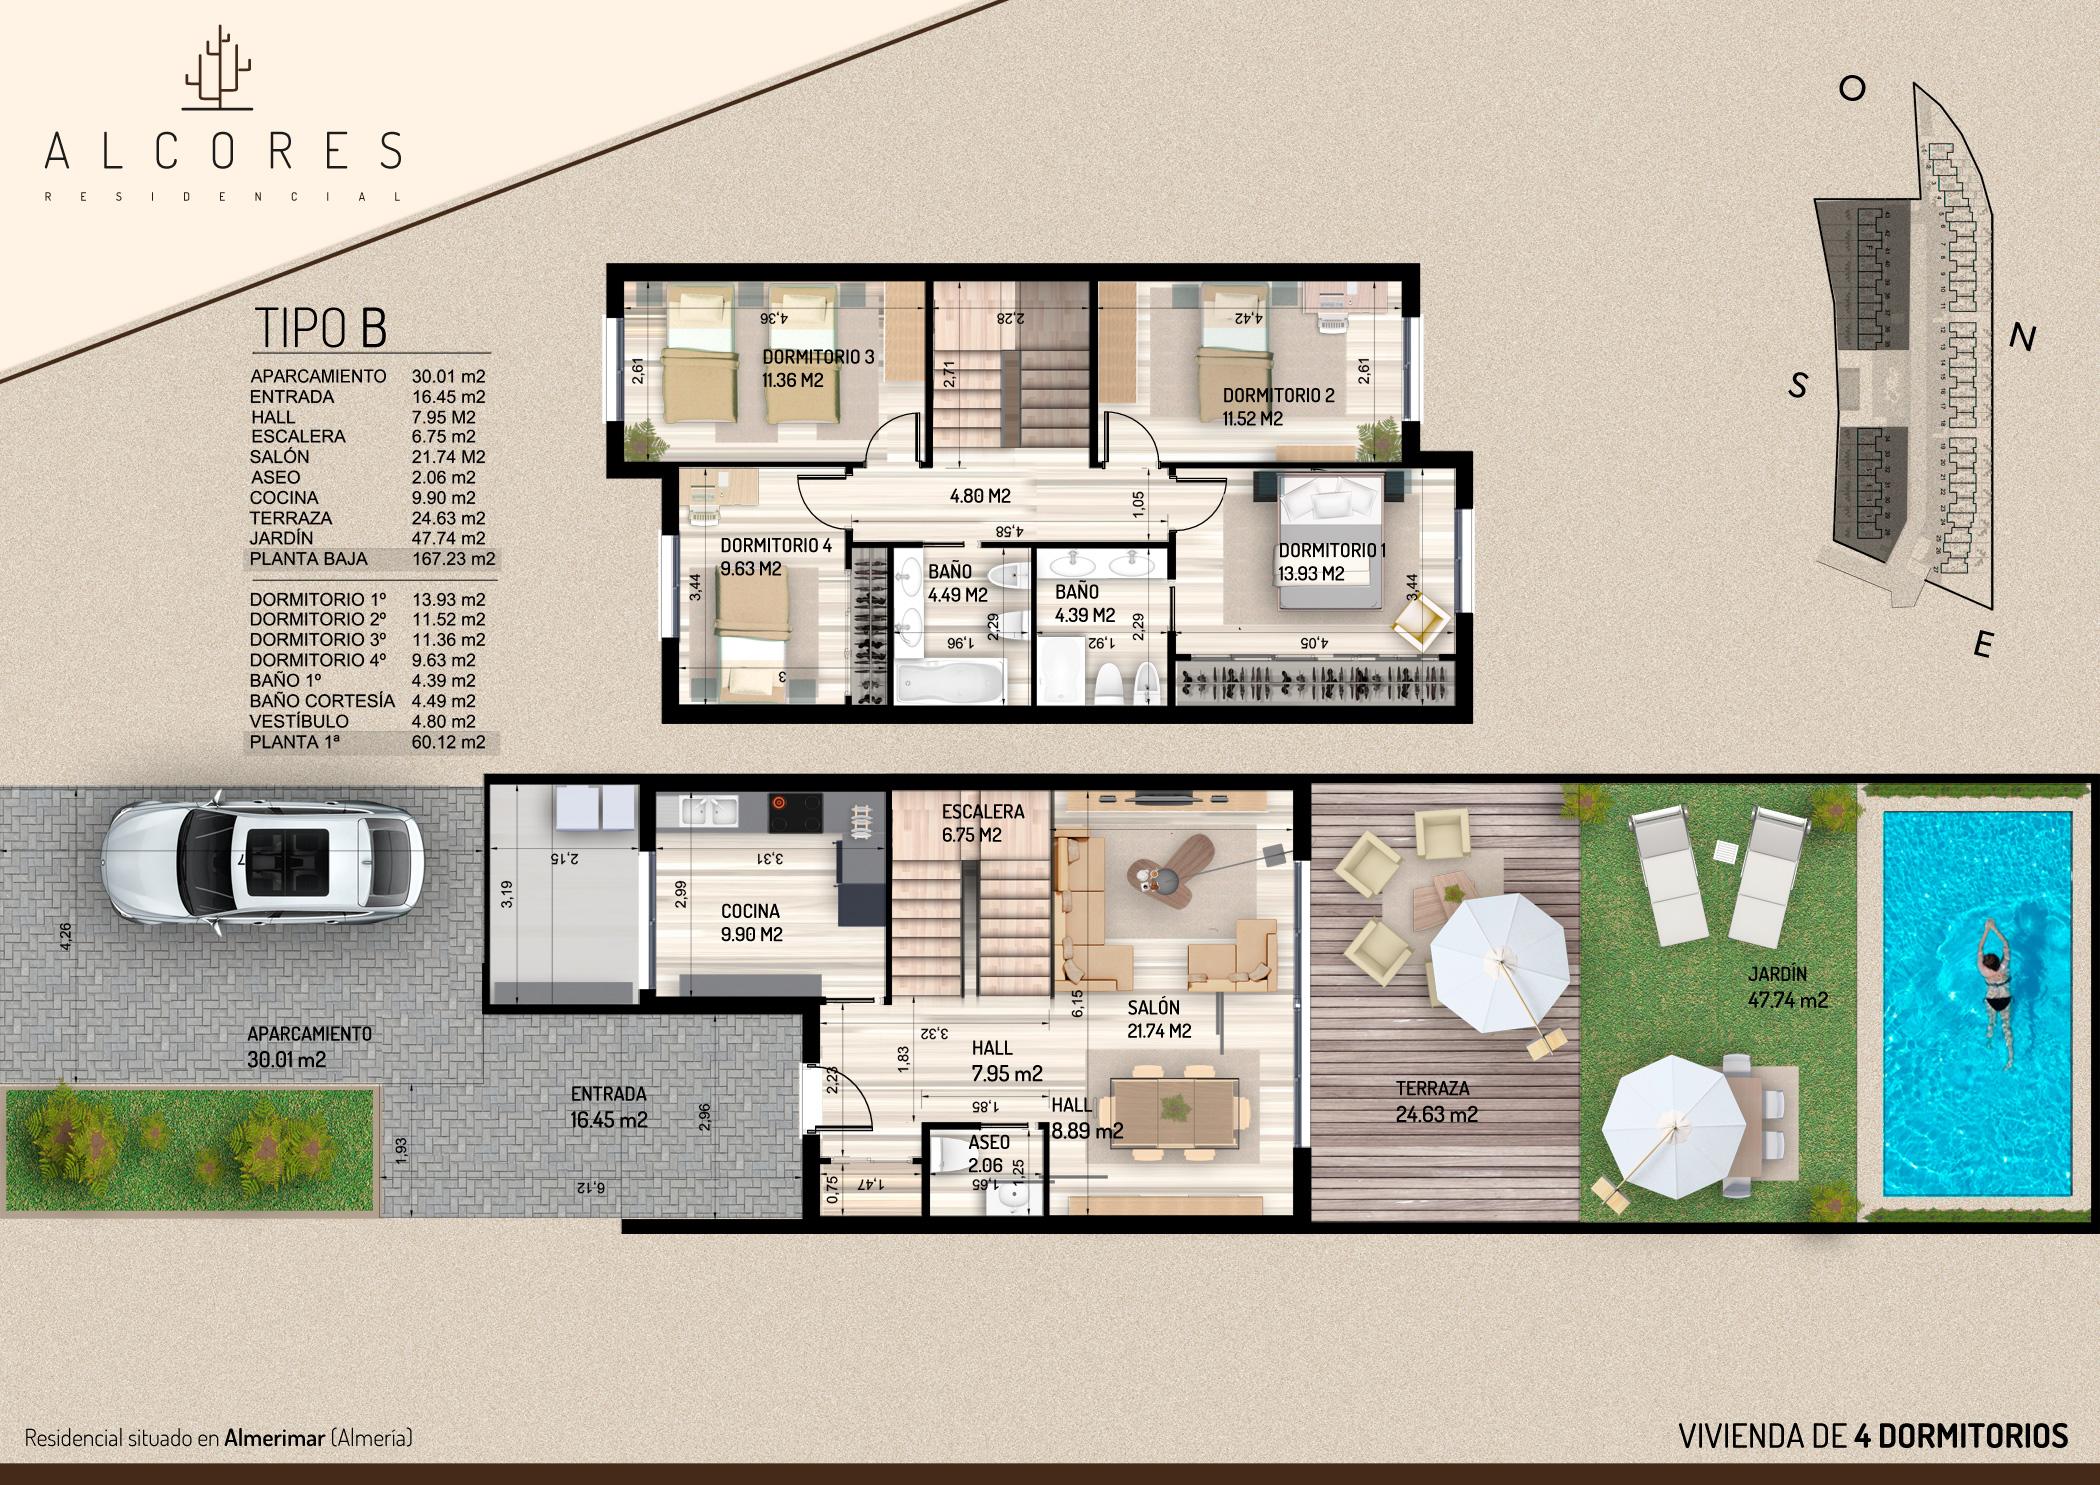 duplex de 4 dormitorios - inmobiliaria el puerto. pisos, duplex